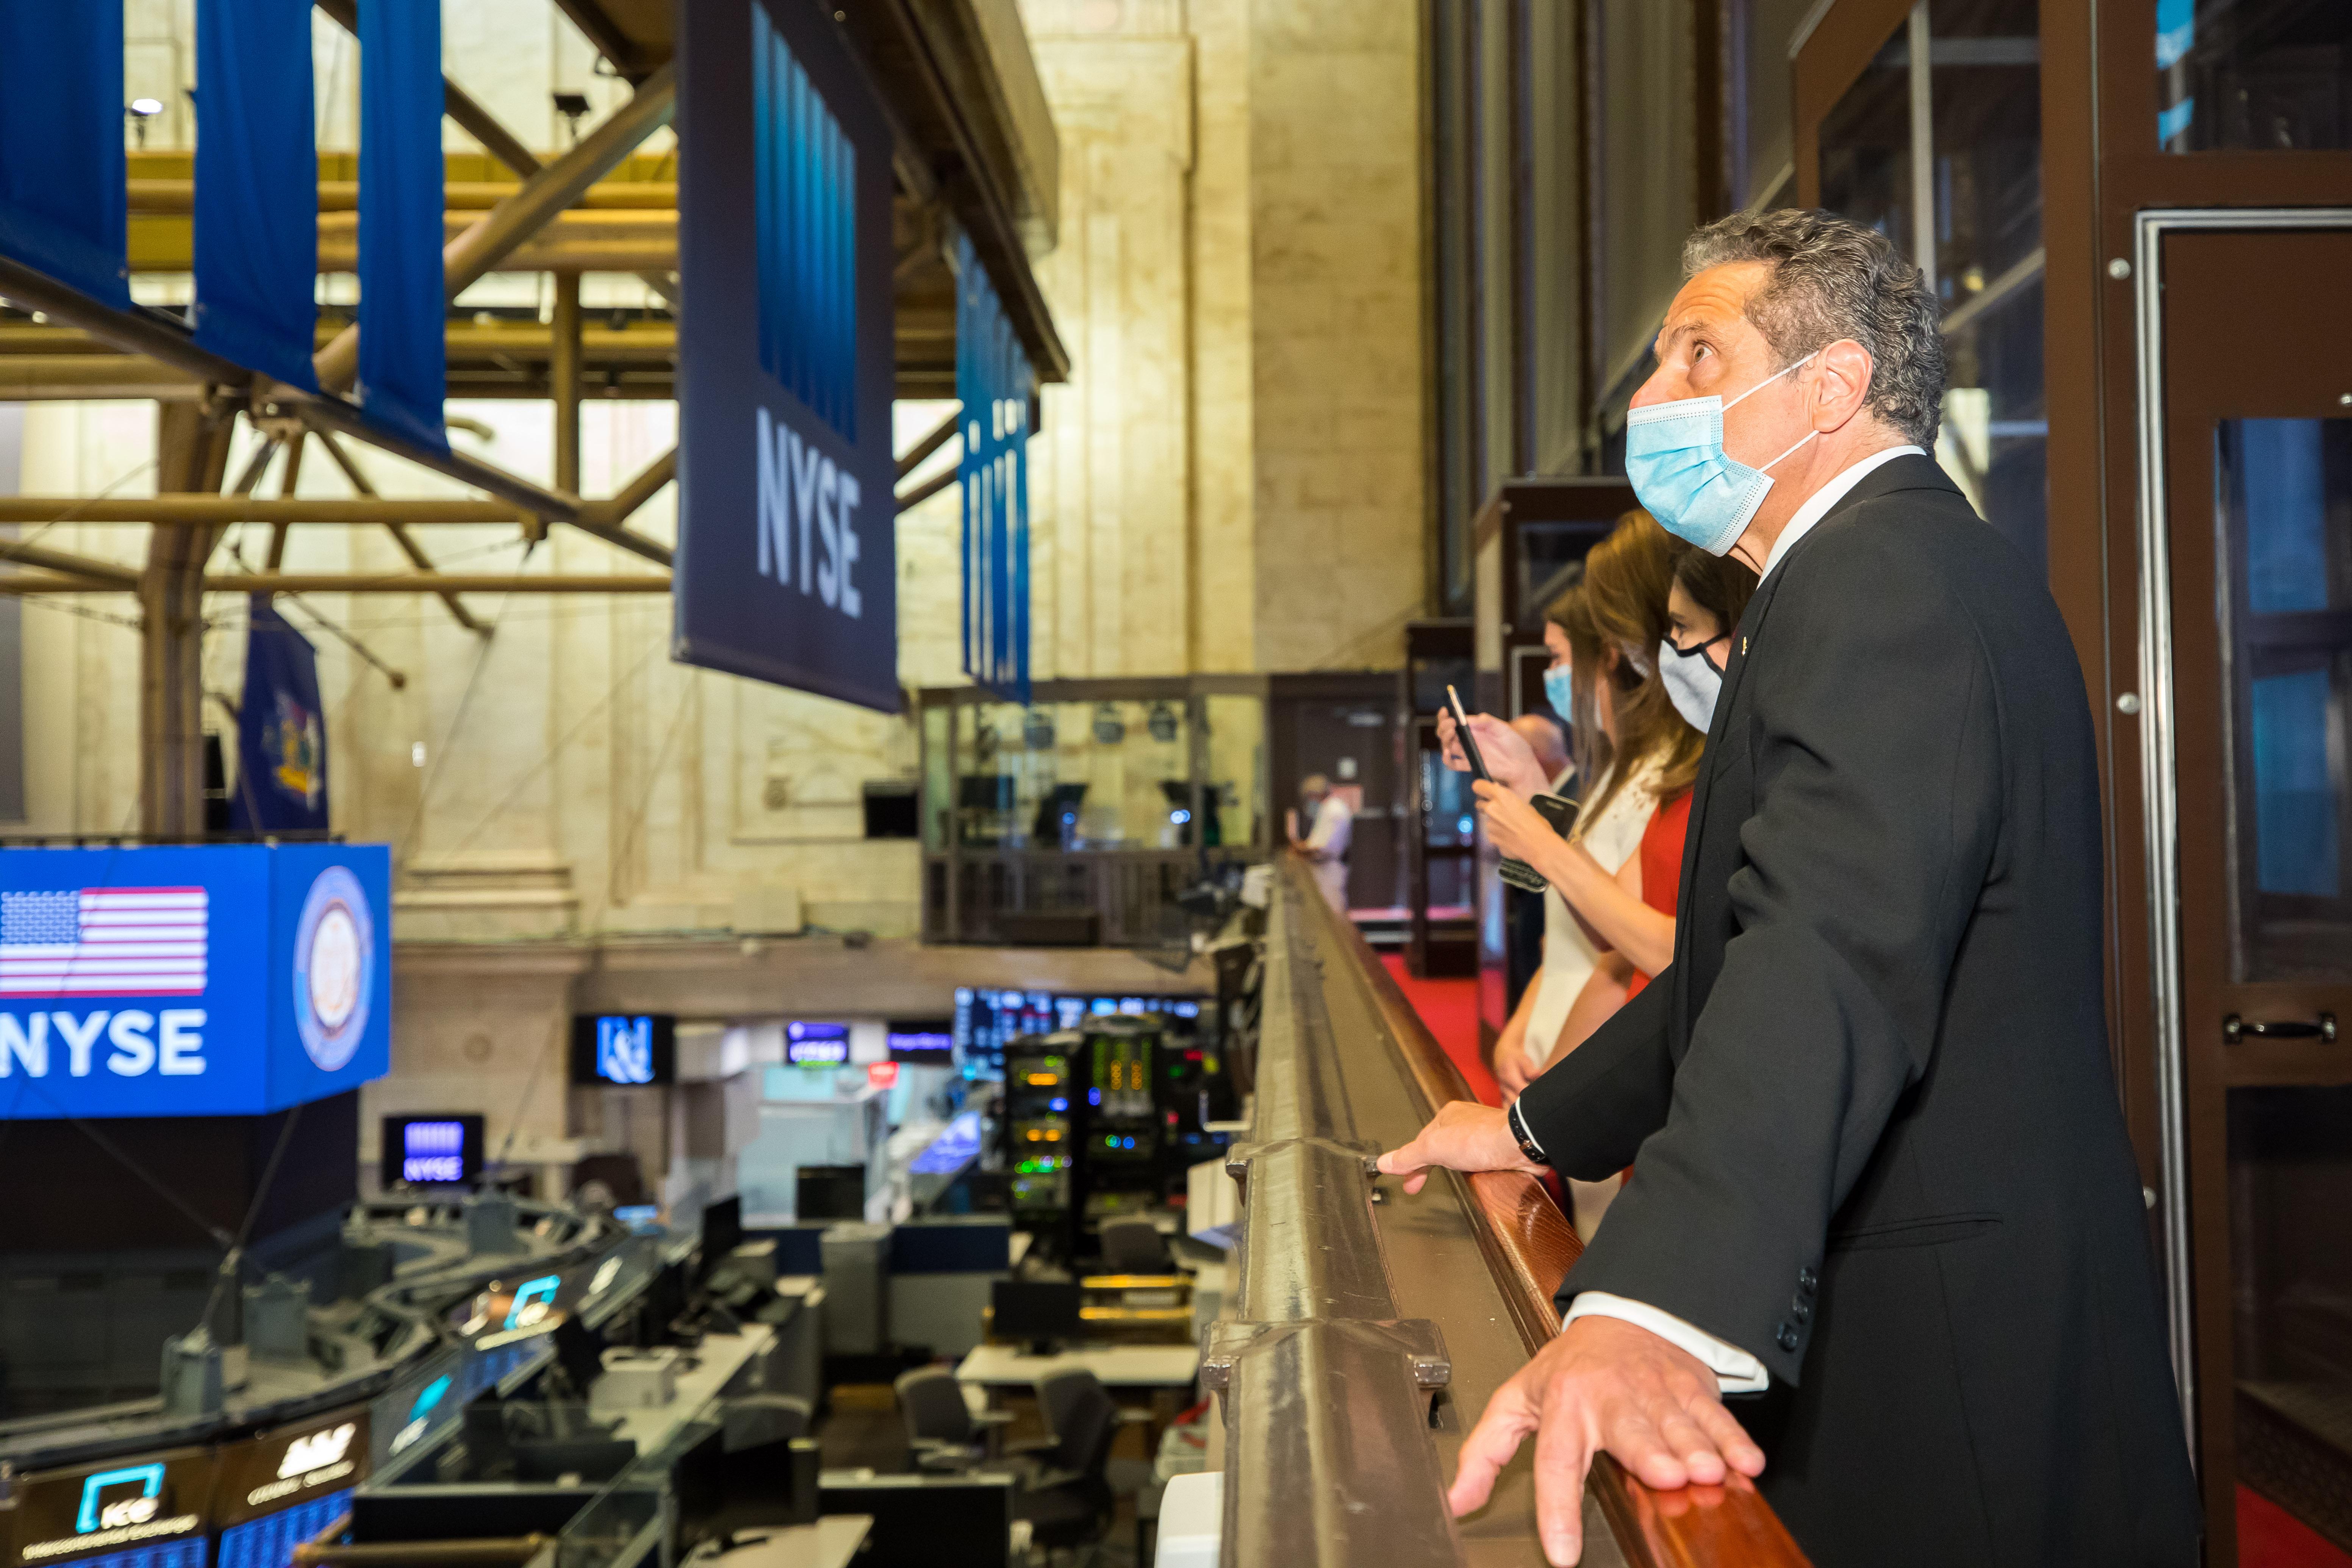 財報優納指續創高 投行預警美股或修正